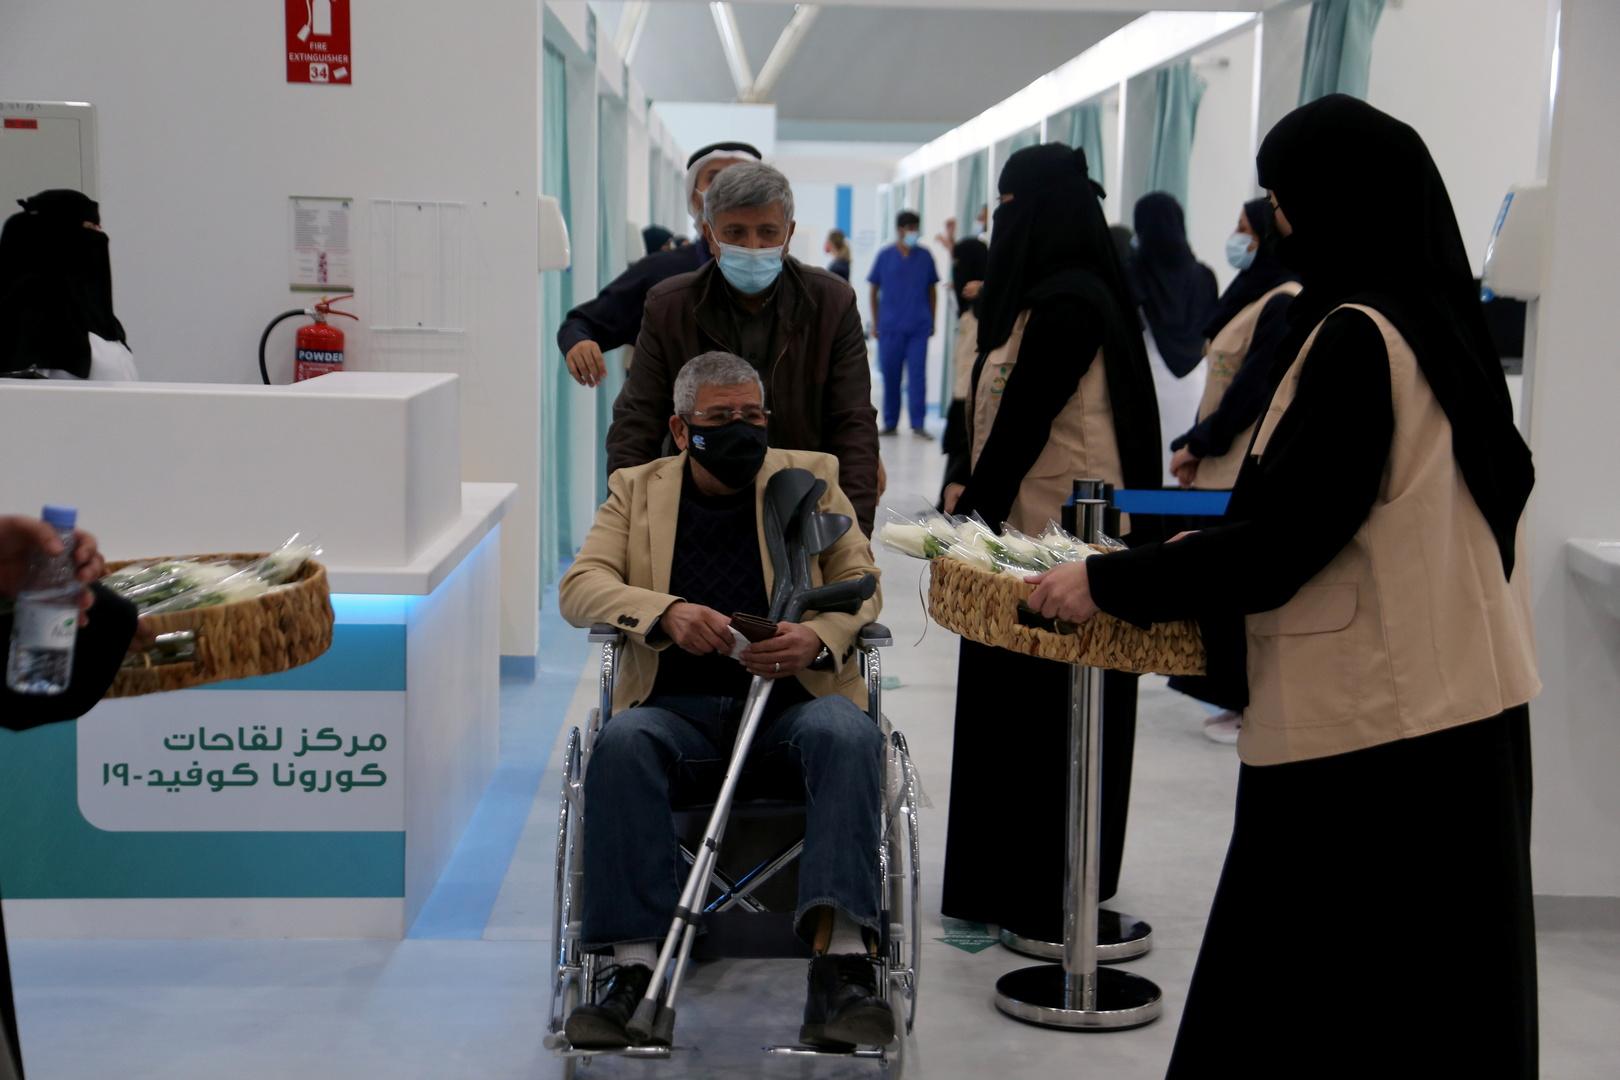 السعودية تمنع دخول الأماكن العامة على غير المحصنين ضد كورونا